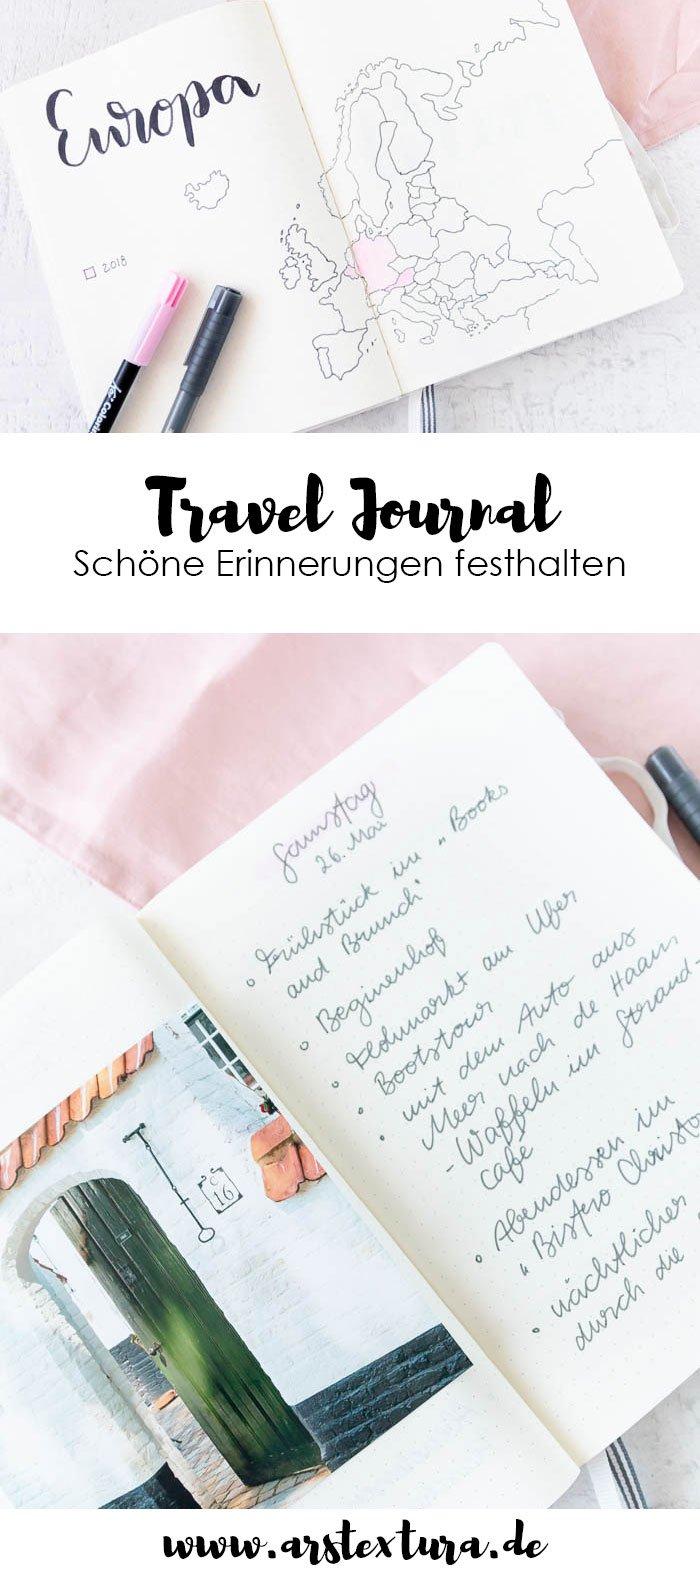 Travel Journal selber machen - ein einfaches Reisetagebuch